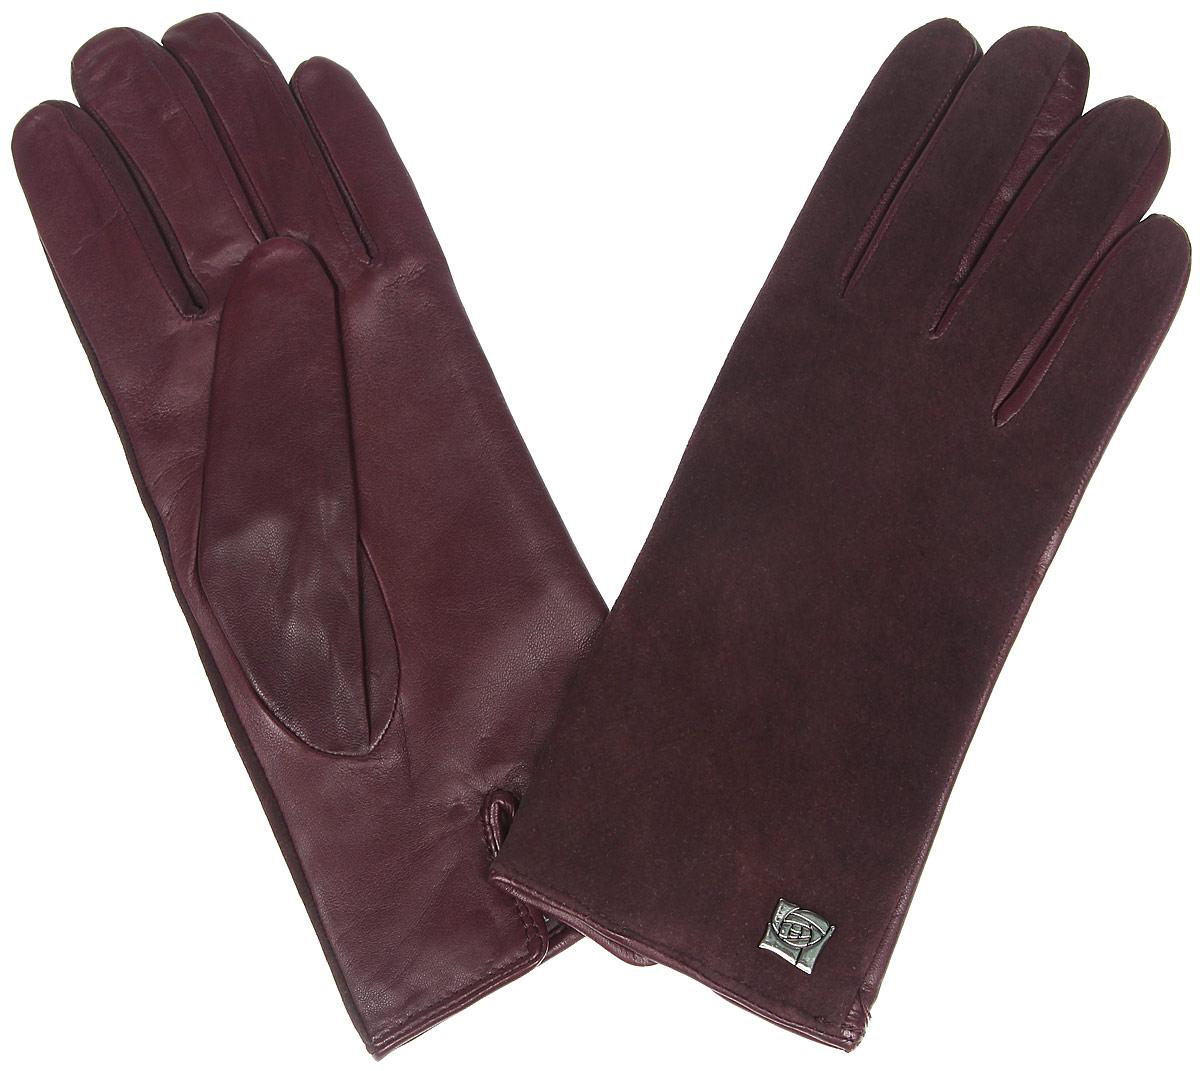 Перчатки женские Eleganzza, цвет: бордовый. IS992. Размер 6,5IS992Классические женские перчатки Eleganzza - первая необходимость в осенне-зимний период. Выполненные из комбинированной кожи на подкладке из шерсти, они необыкновенно мягкие и приятные на ощупь.Лицевая сторона изделия с бархатистой поверхностью украшена декоративным элементом в виде розы. Тыльная сторона дополнена аккуратным разрезом. Потрясающие женские перчатки Eleganzza подойдут романтичным особам с тонким вкусом, они защитят руки от холода и ветра, сохраняя их красоту.